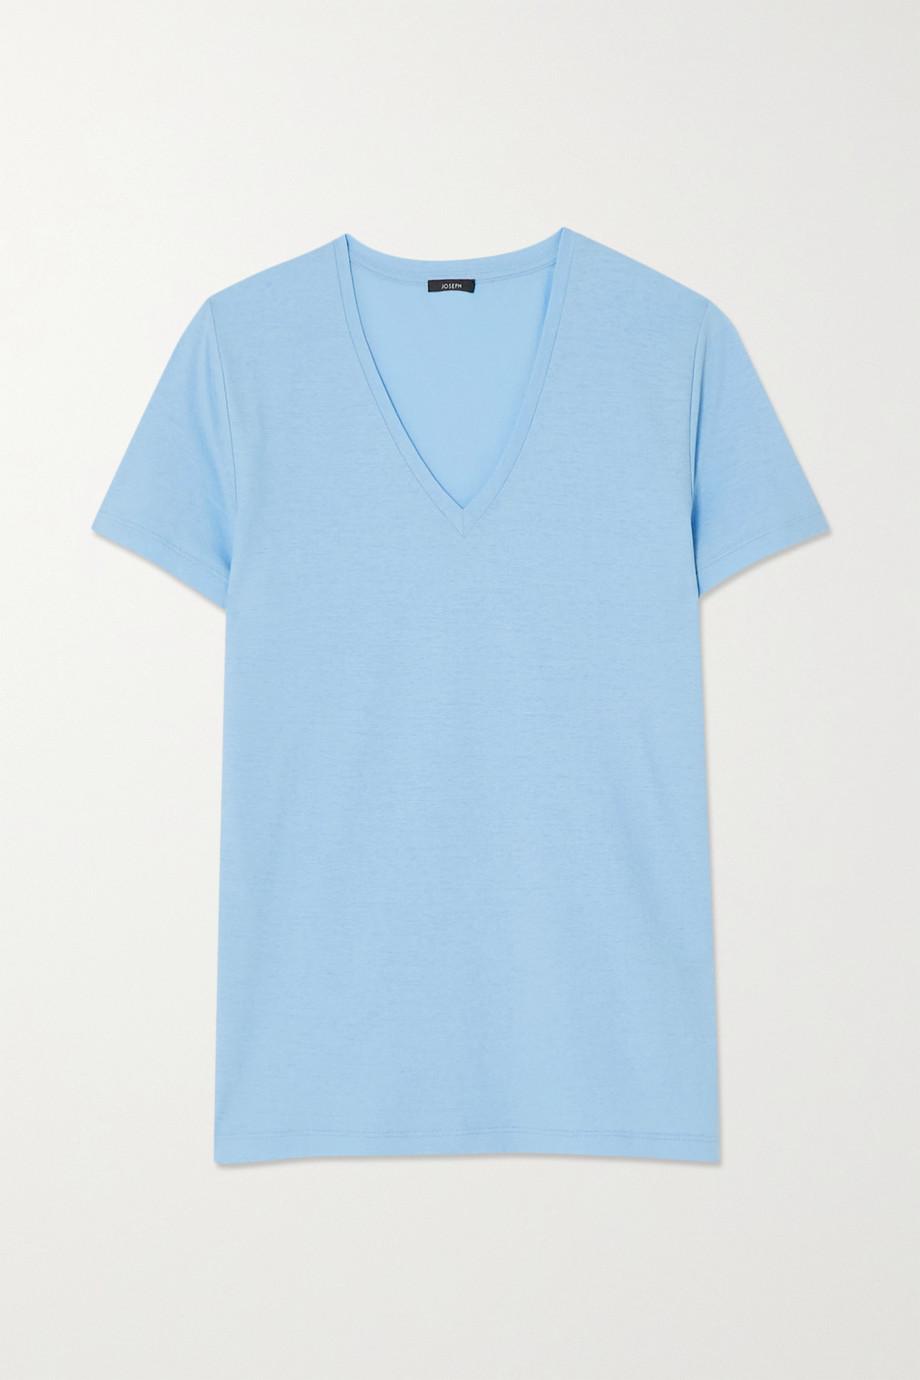 Joseph T-shirt en jersey de coton